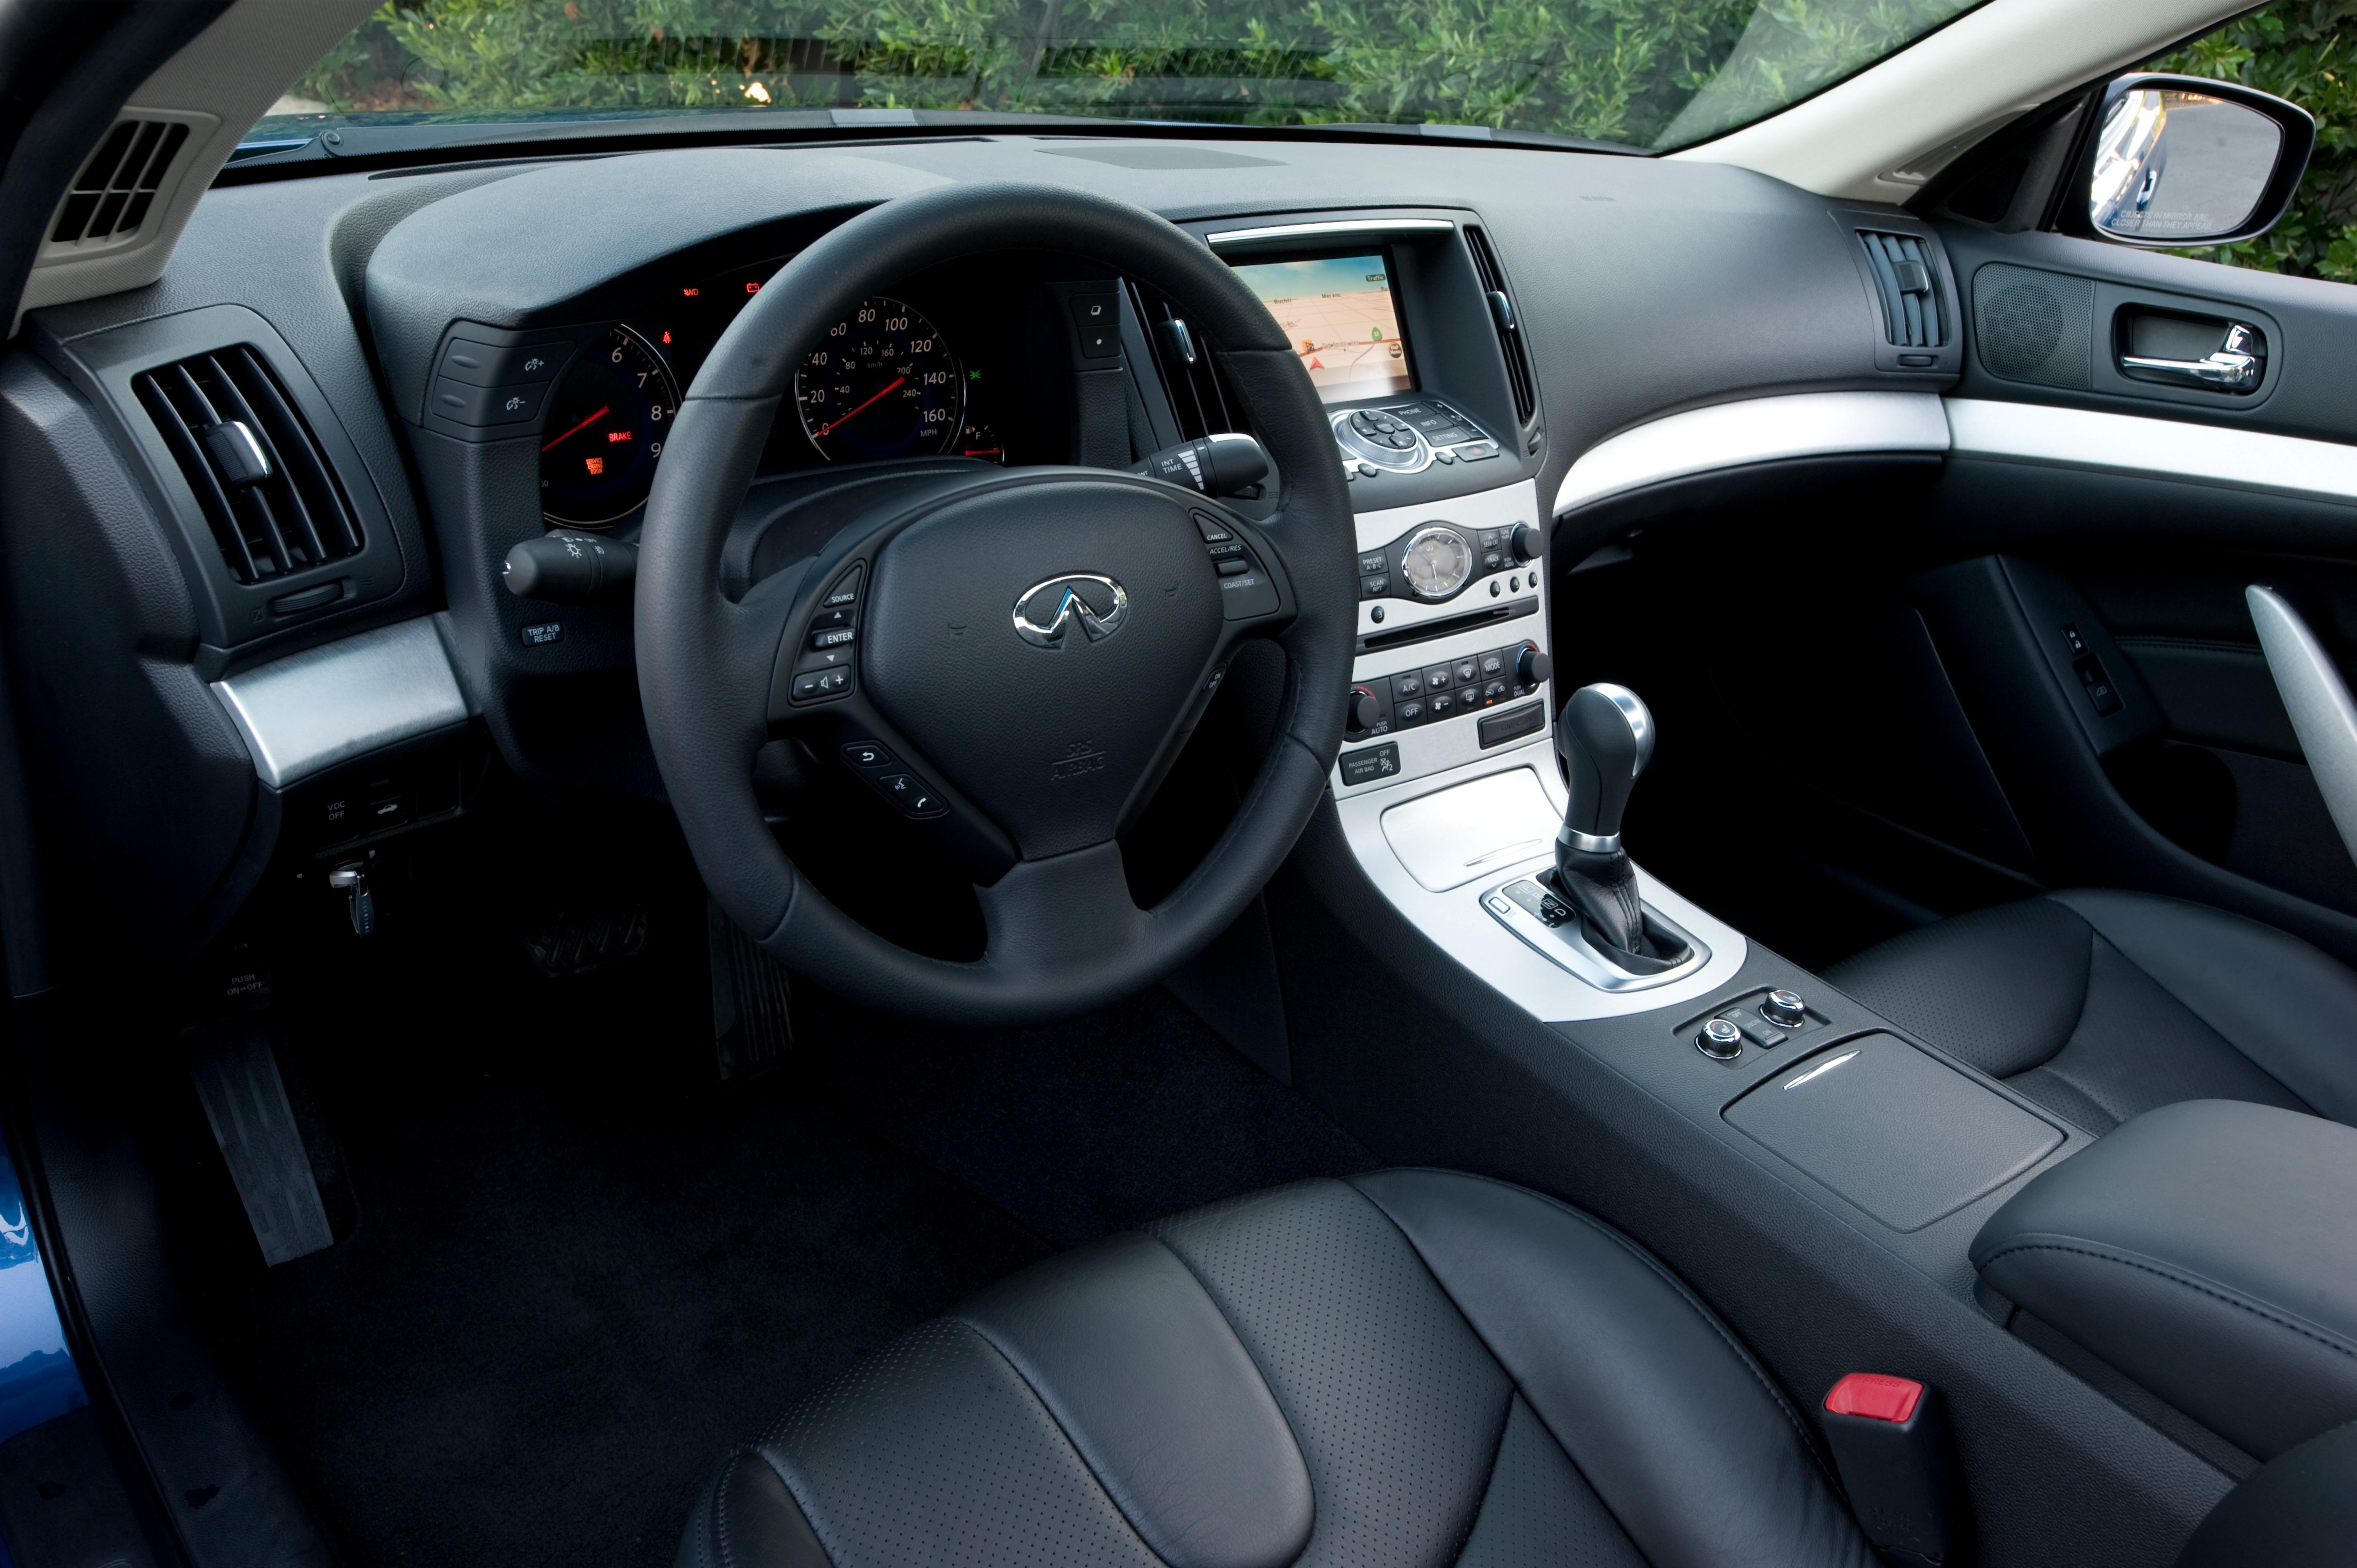 Infiniti G37 Coupe 2013